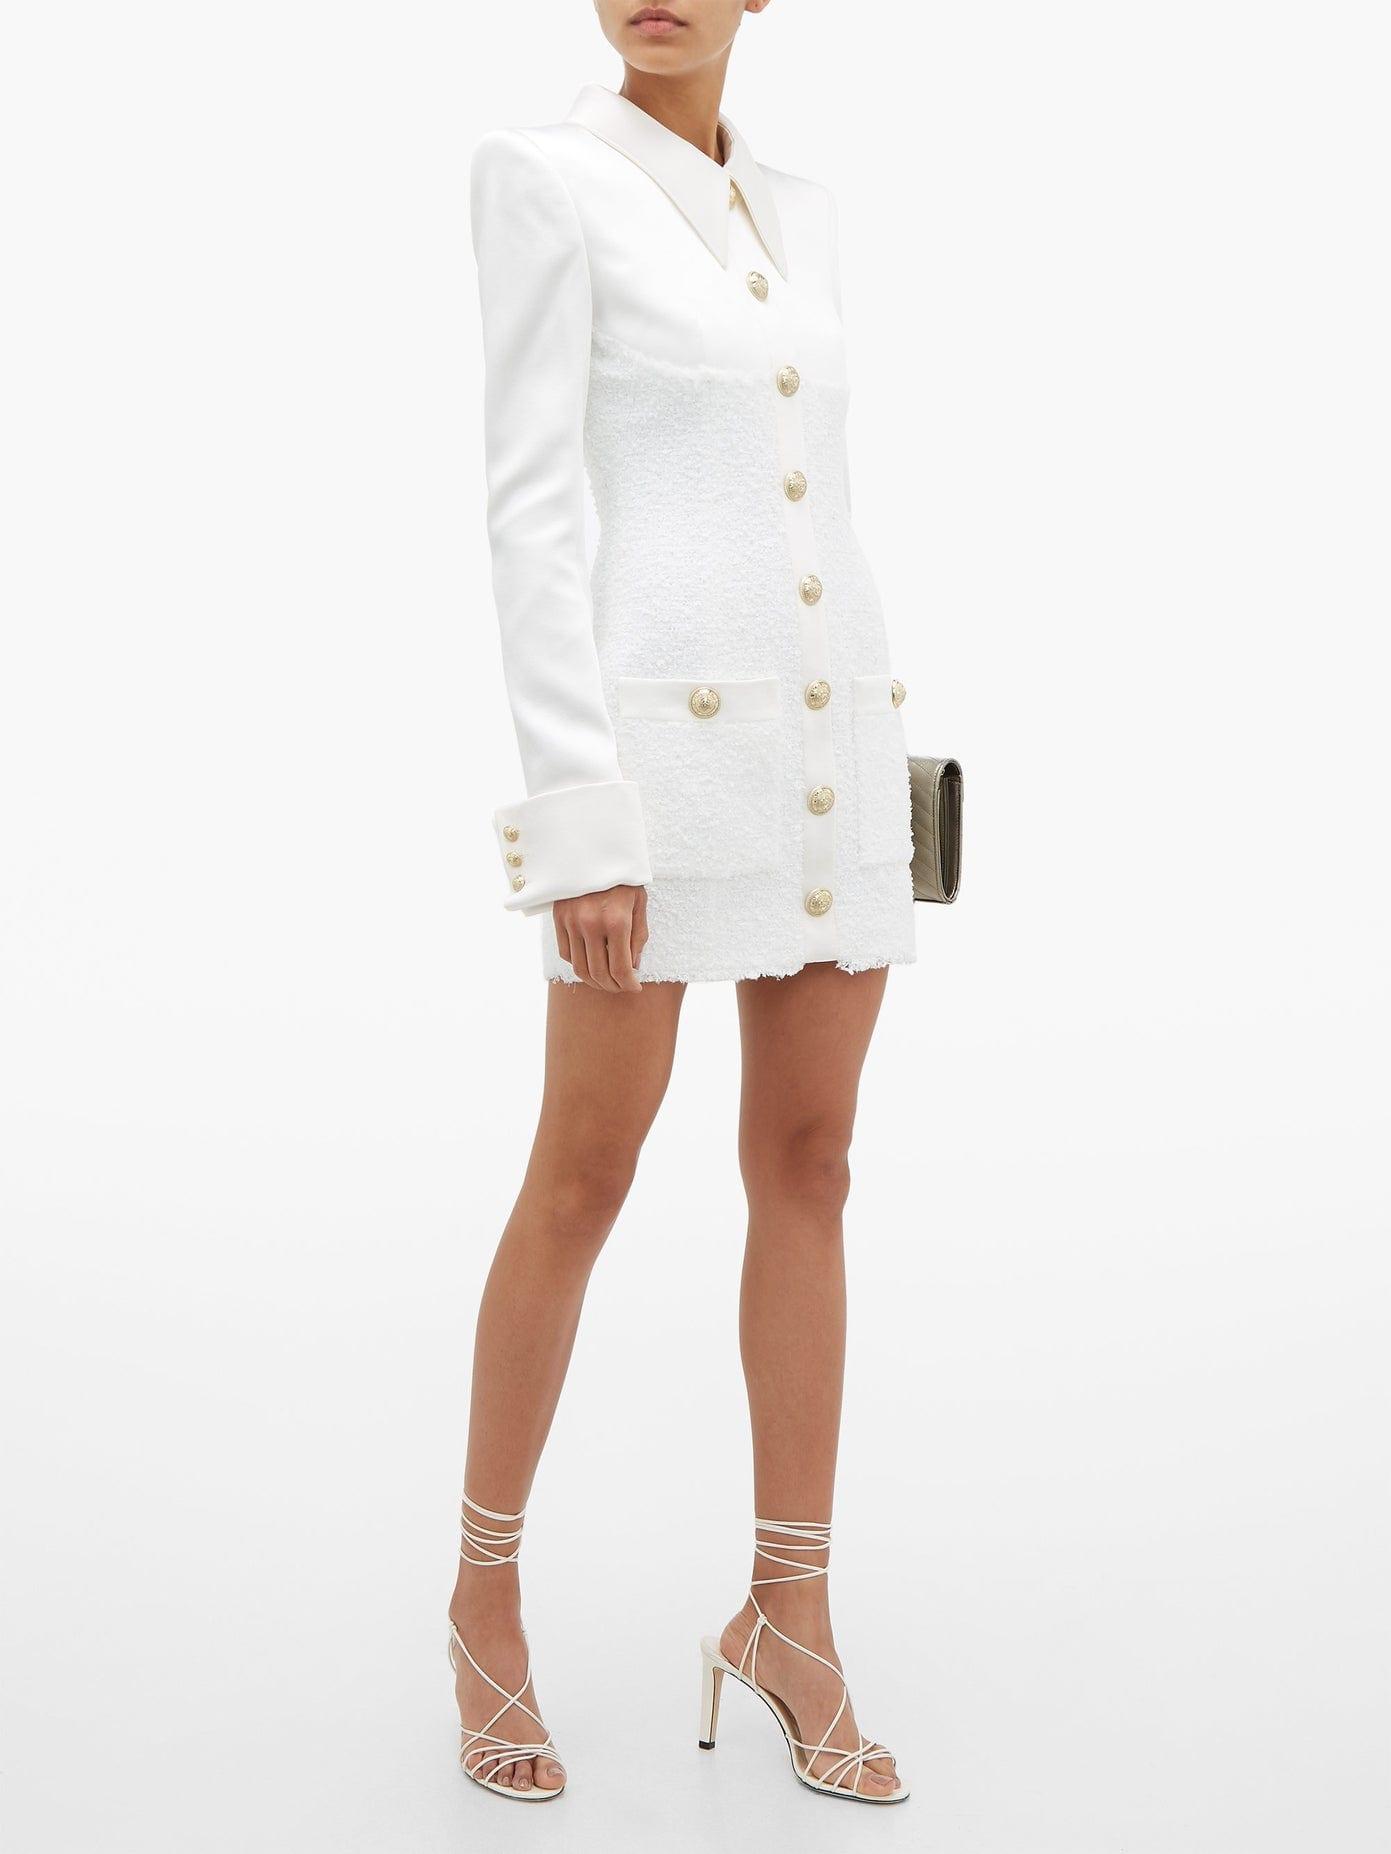 BALMAIN Buttoned Satin And Tweed Mini Dress